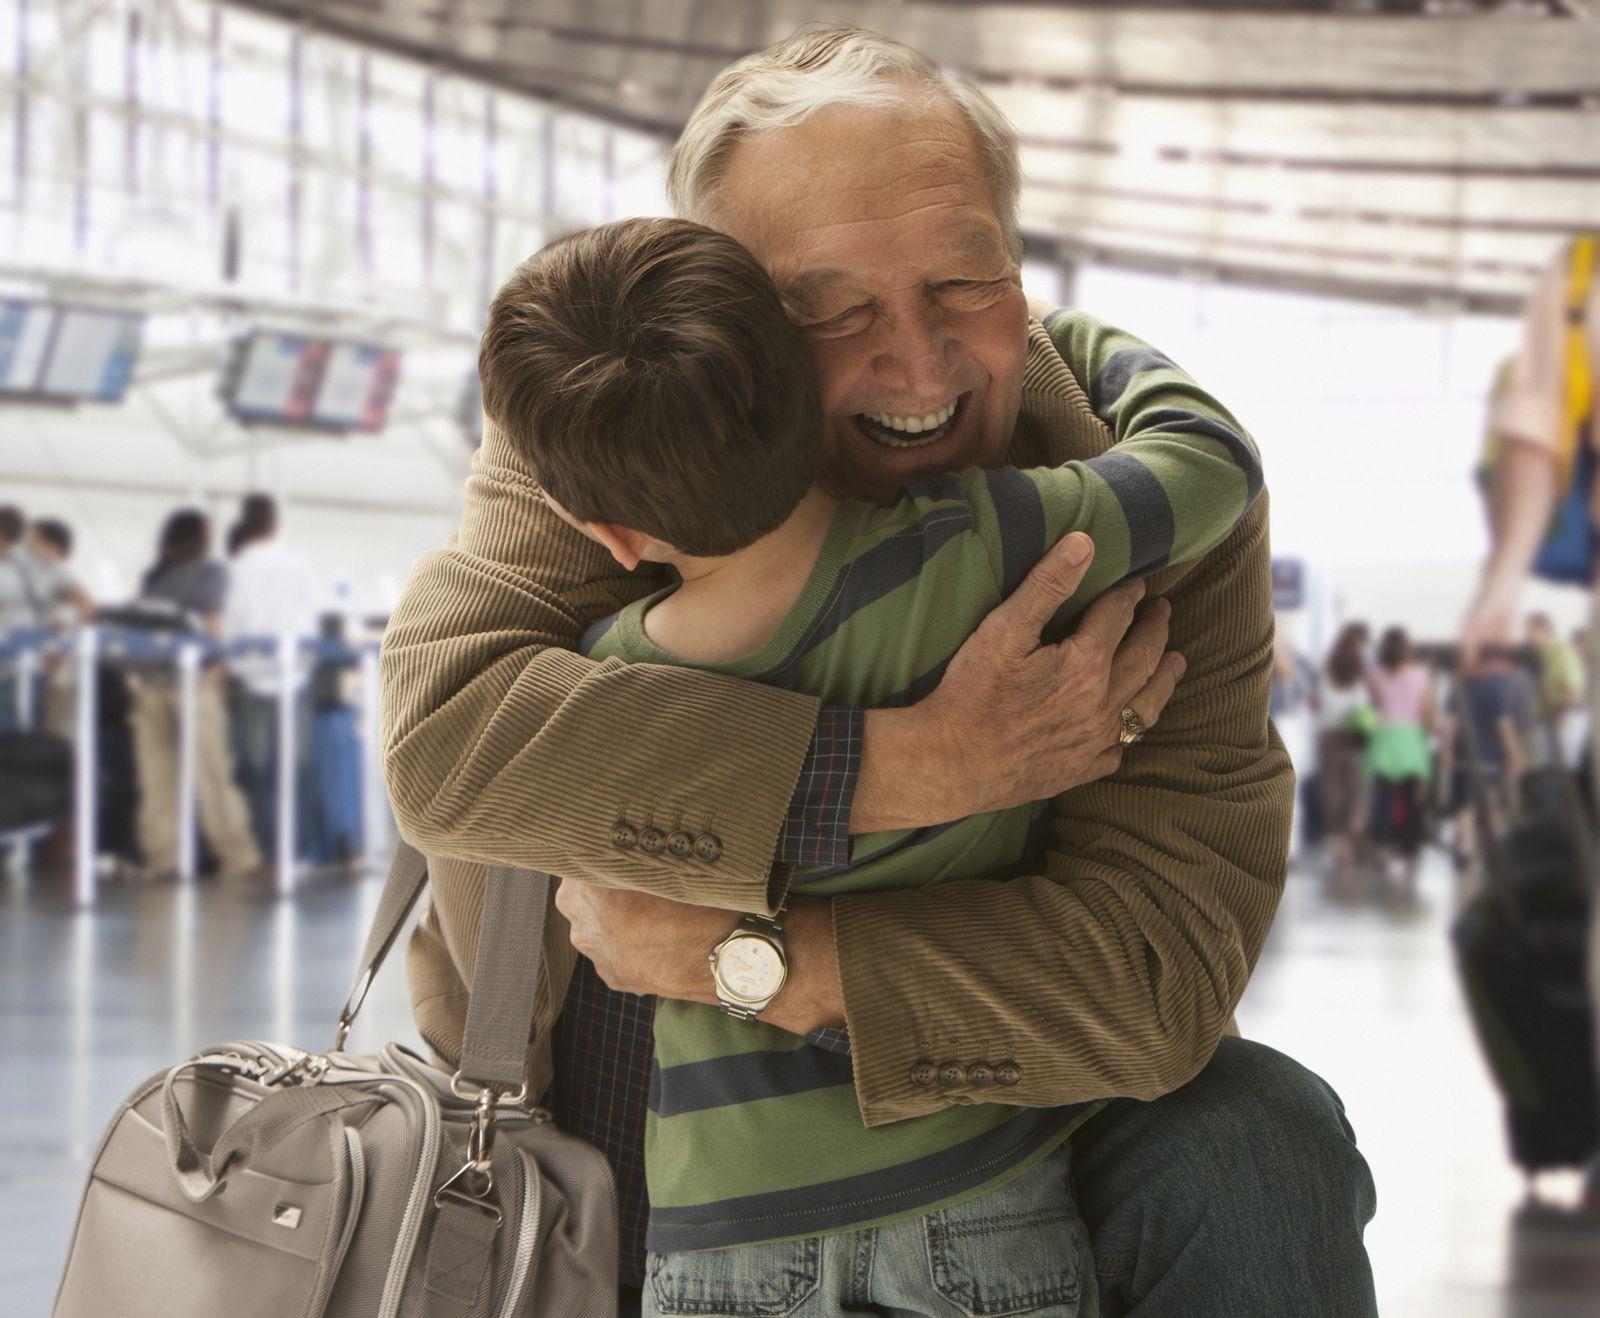 NICHT MEHR VERWENDEN! - Vater / Sohn / Großvater / Elternschaft